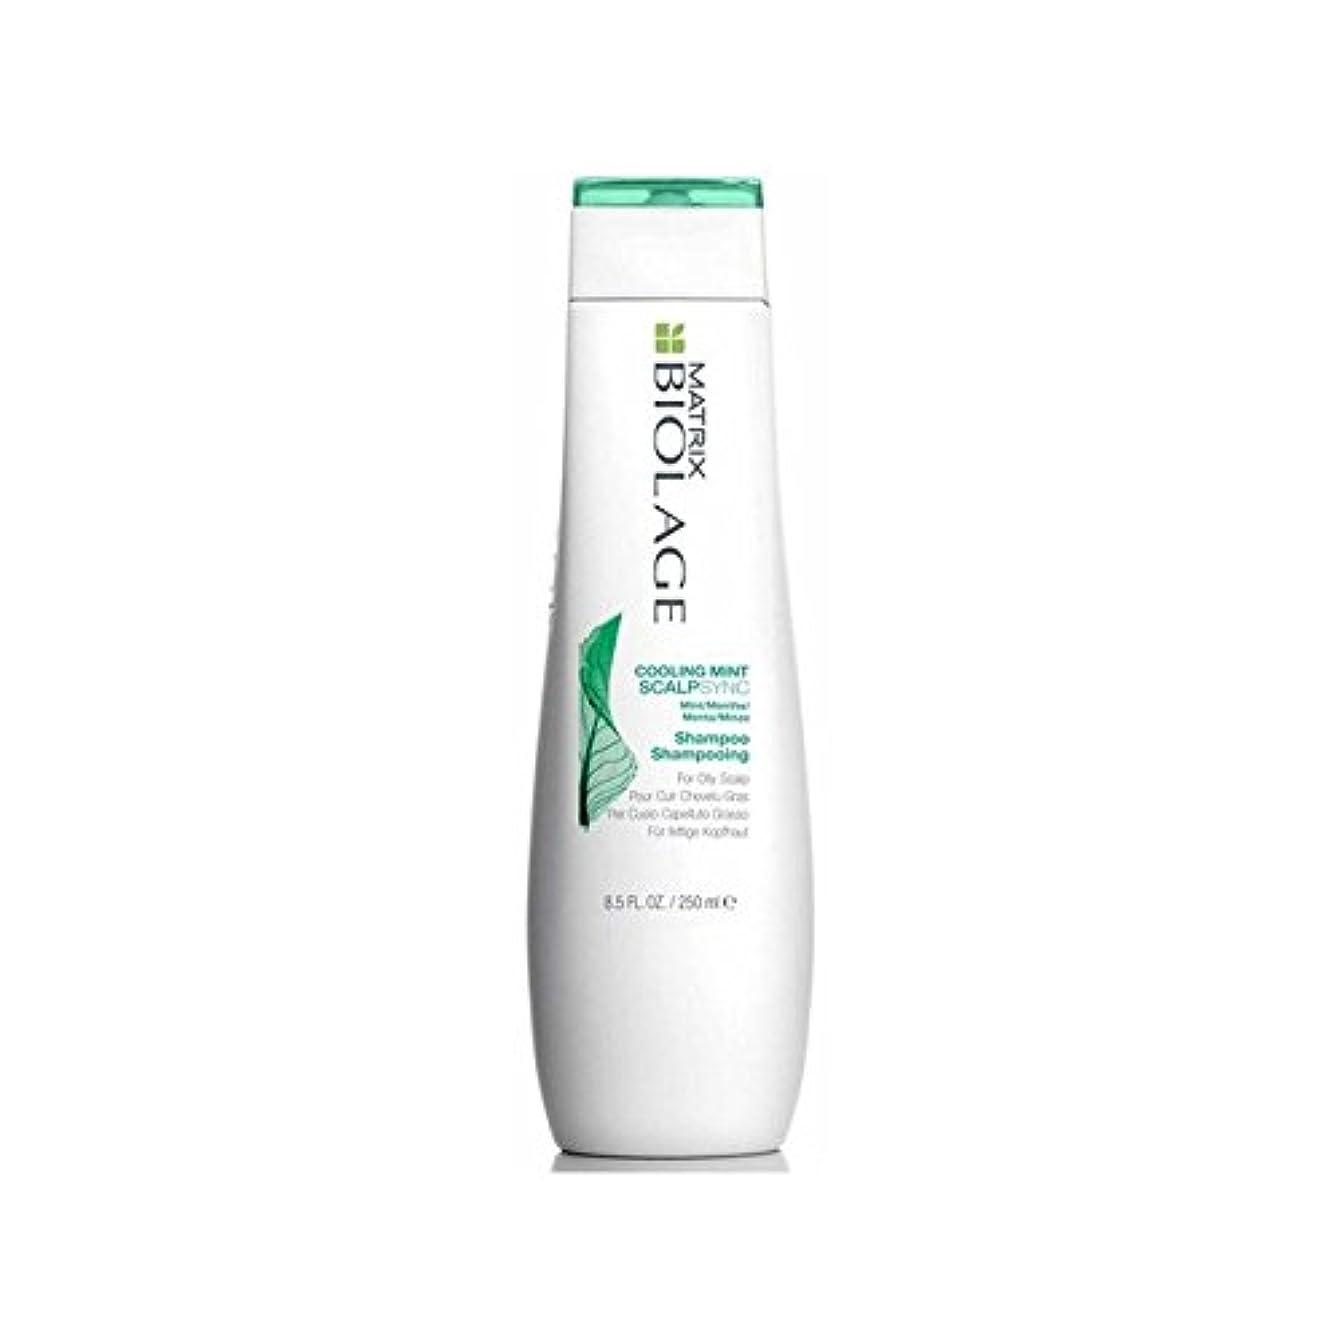 相談する彼壊すMatrix Biolage Scalptherapie Scalp Cooling Mint Shampoo (250ml) - ミントシャンプー(250ミリリットル)を冷却マトリックスバイオレイジの頭皮 [並行輸入品]